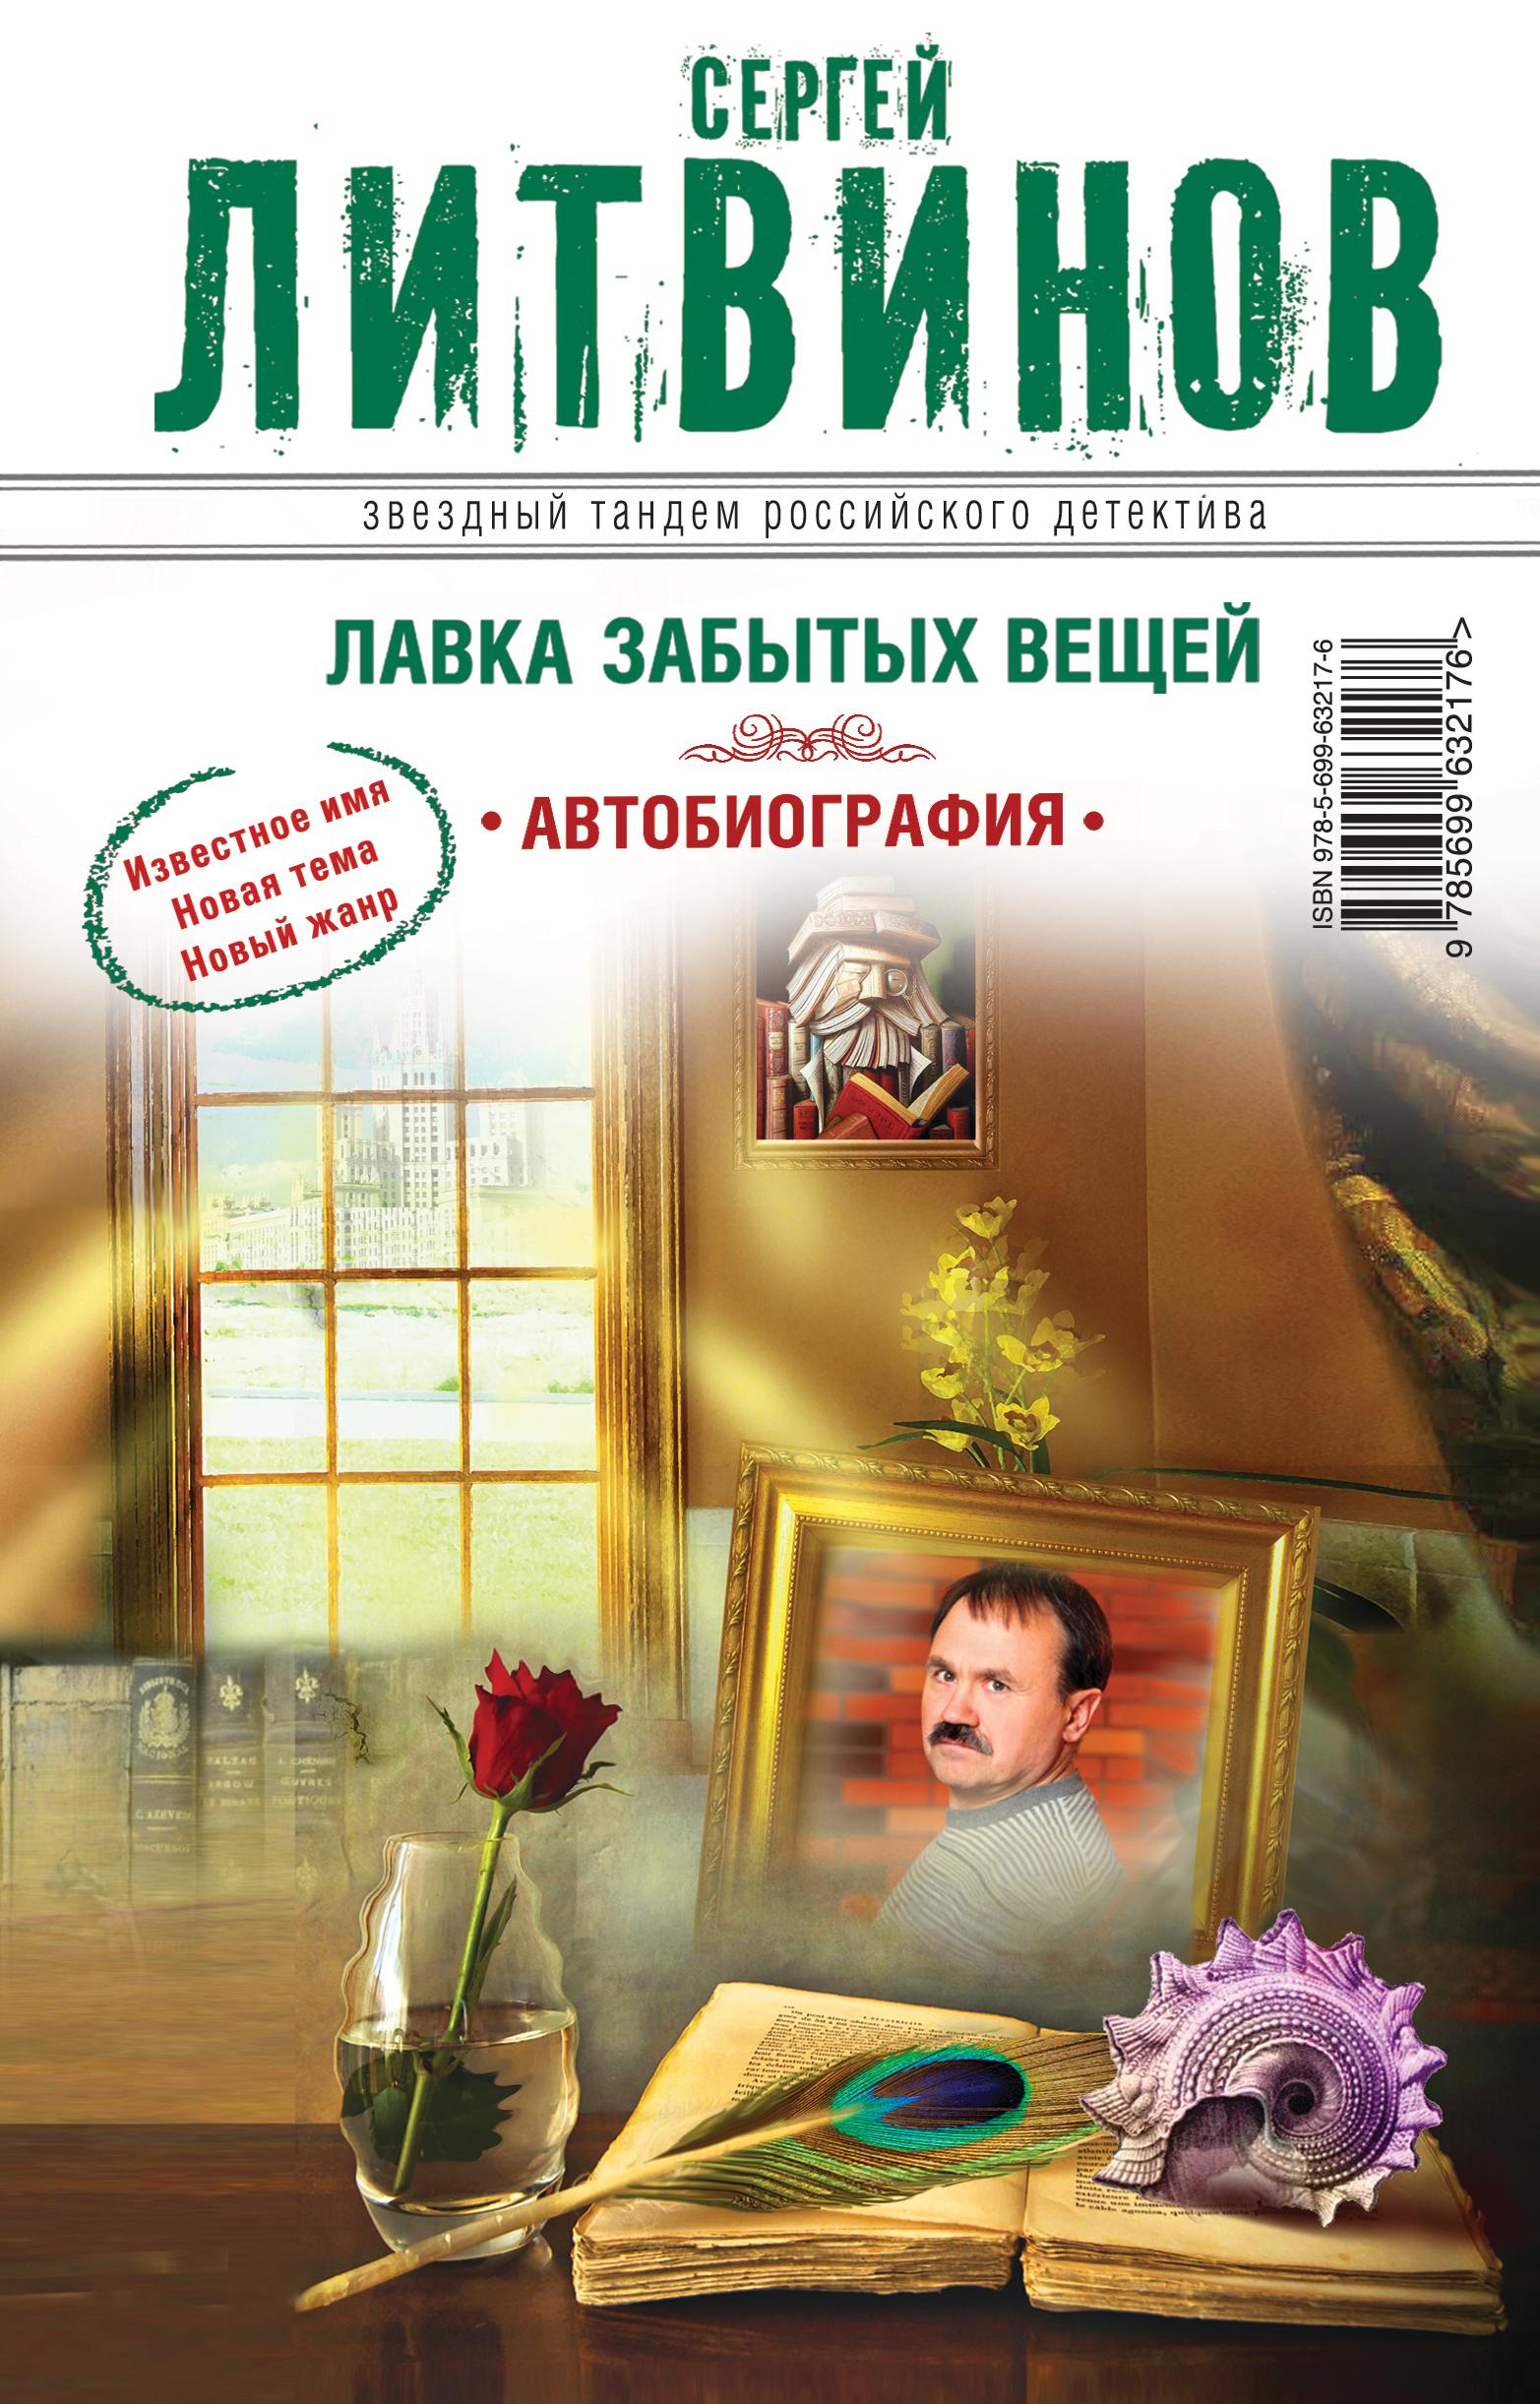 Сергей Литвинов Лавка забытых вещей. Автобиография сергей литвинов лавка забытых иллюзий сборник